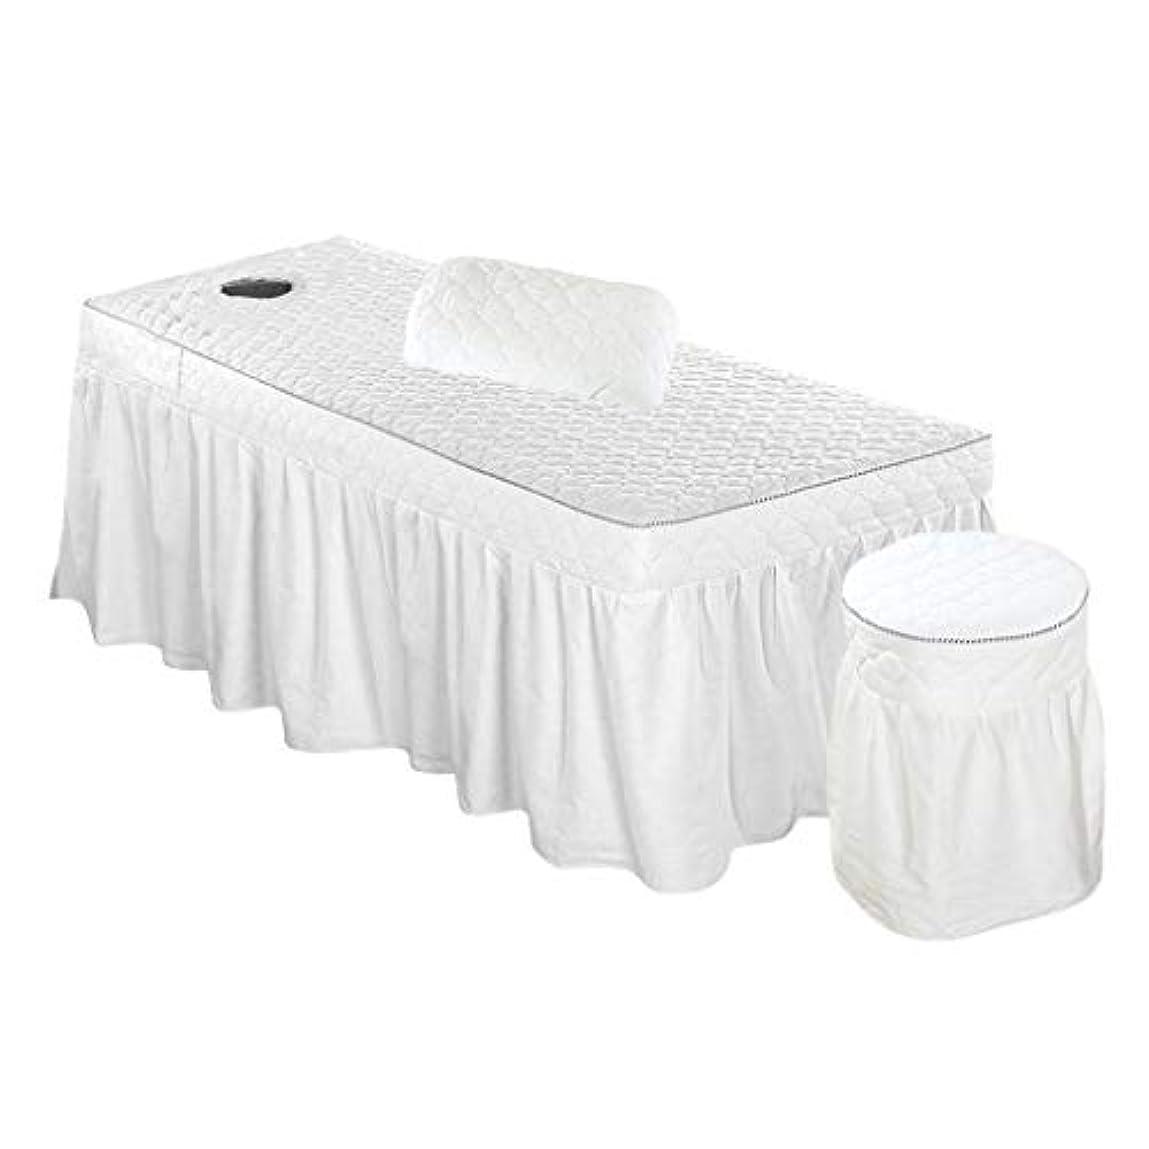 ディプロマおびえたリールスパ マッサージベッドカバー+スツールカバー+枕カバー 有孔 綿製 3枚セット - ホワイト